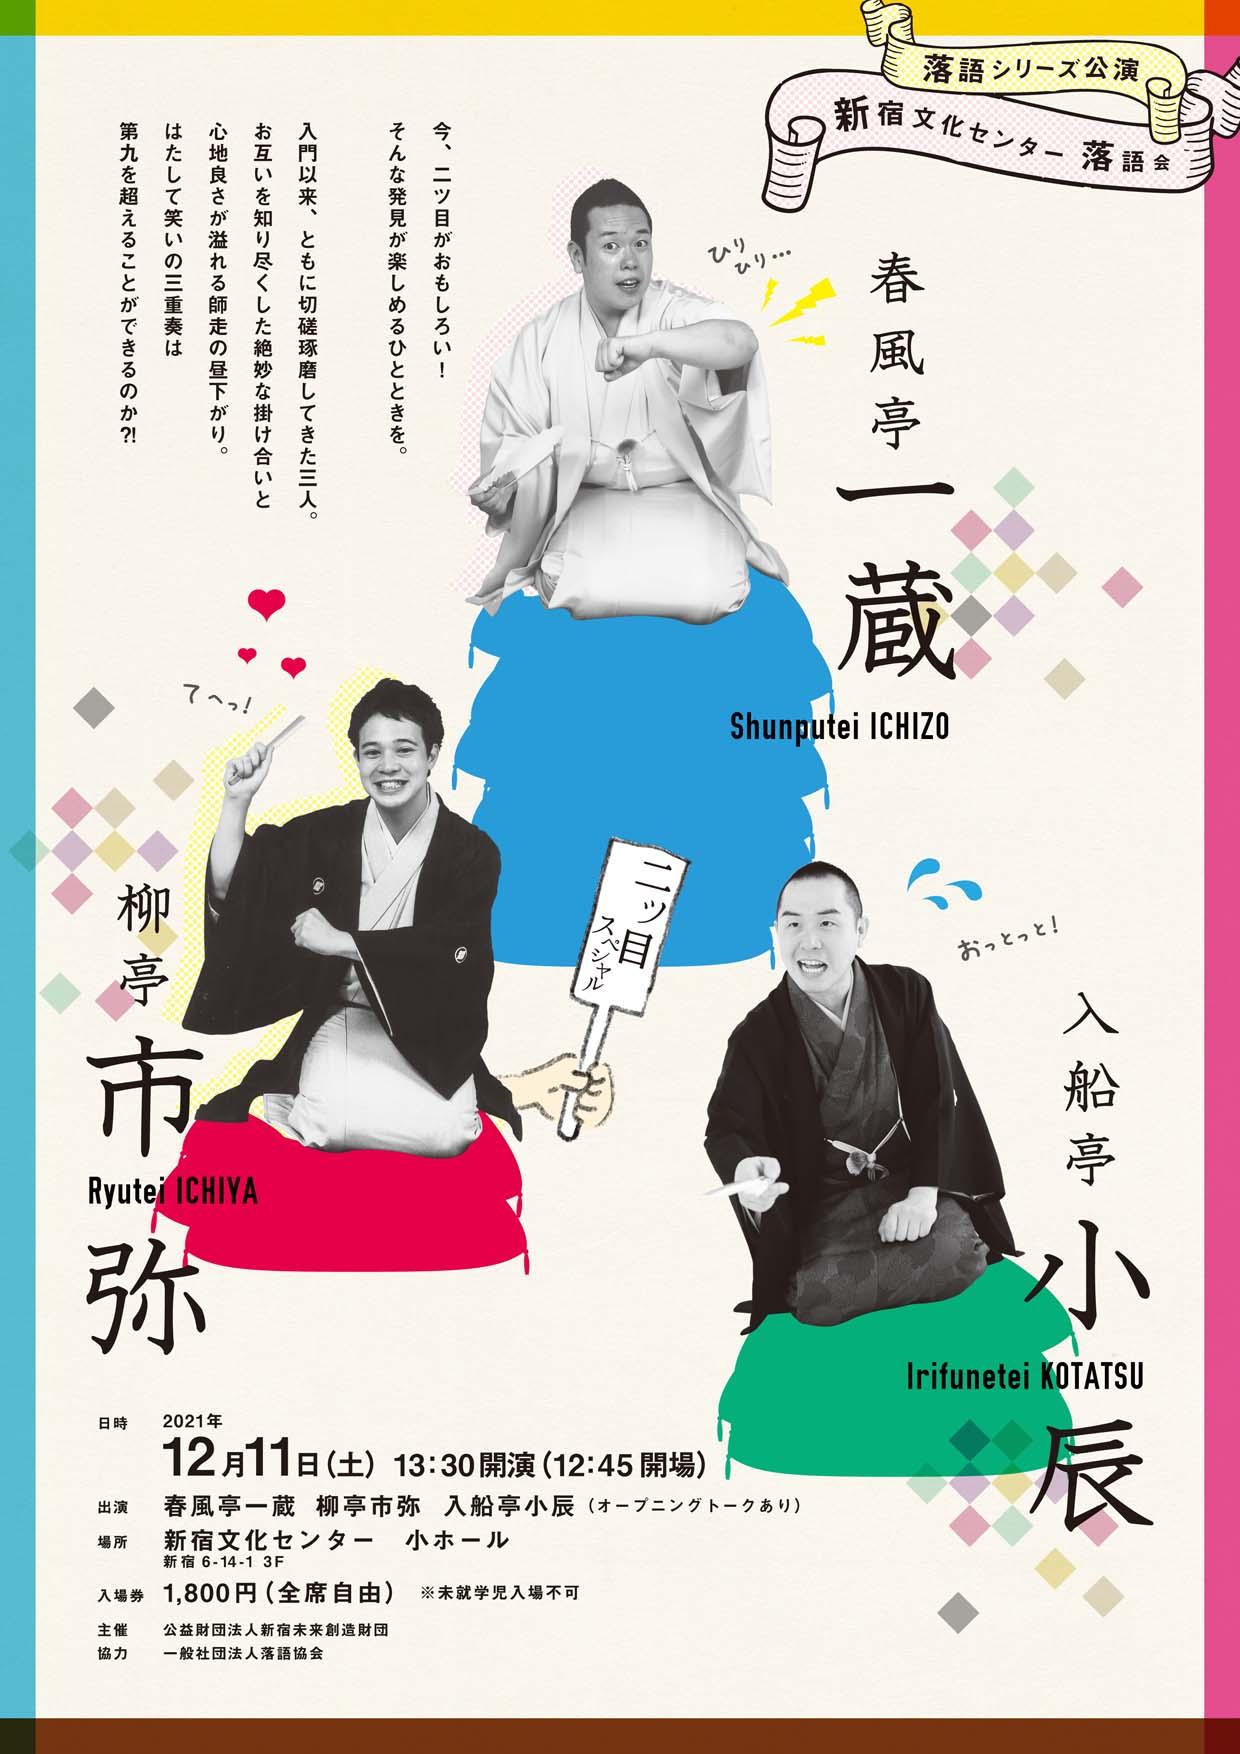 【12/11実施】新宿文化センター落語会